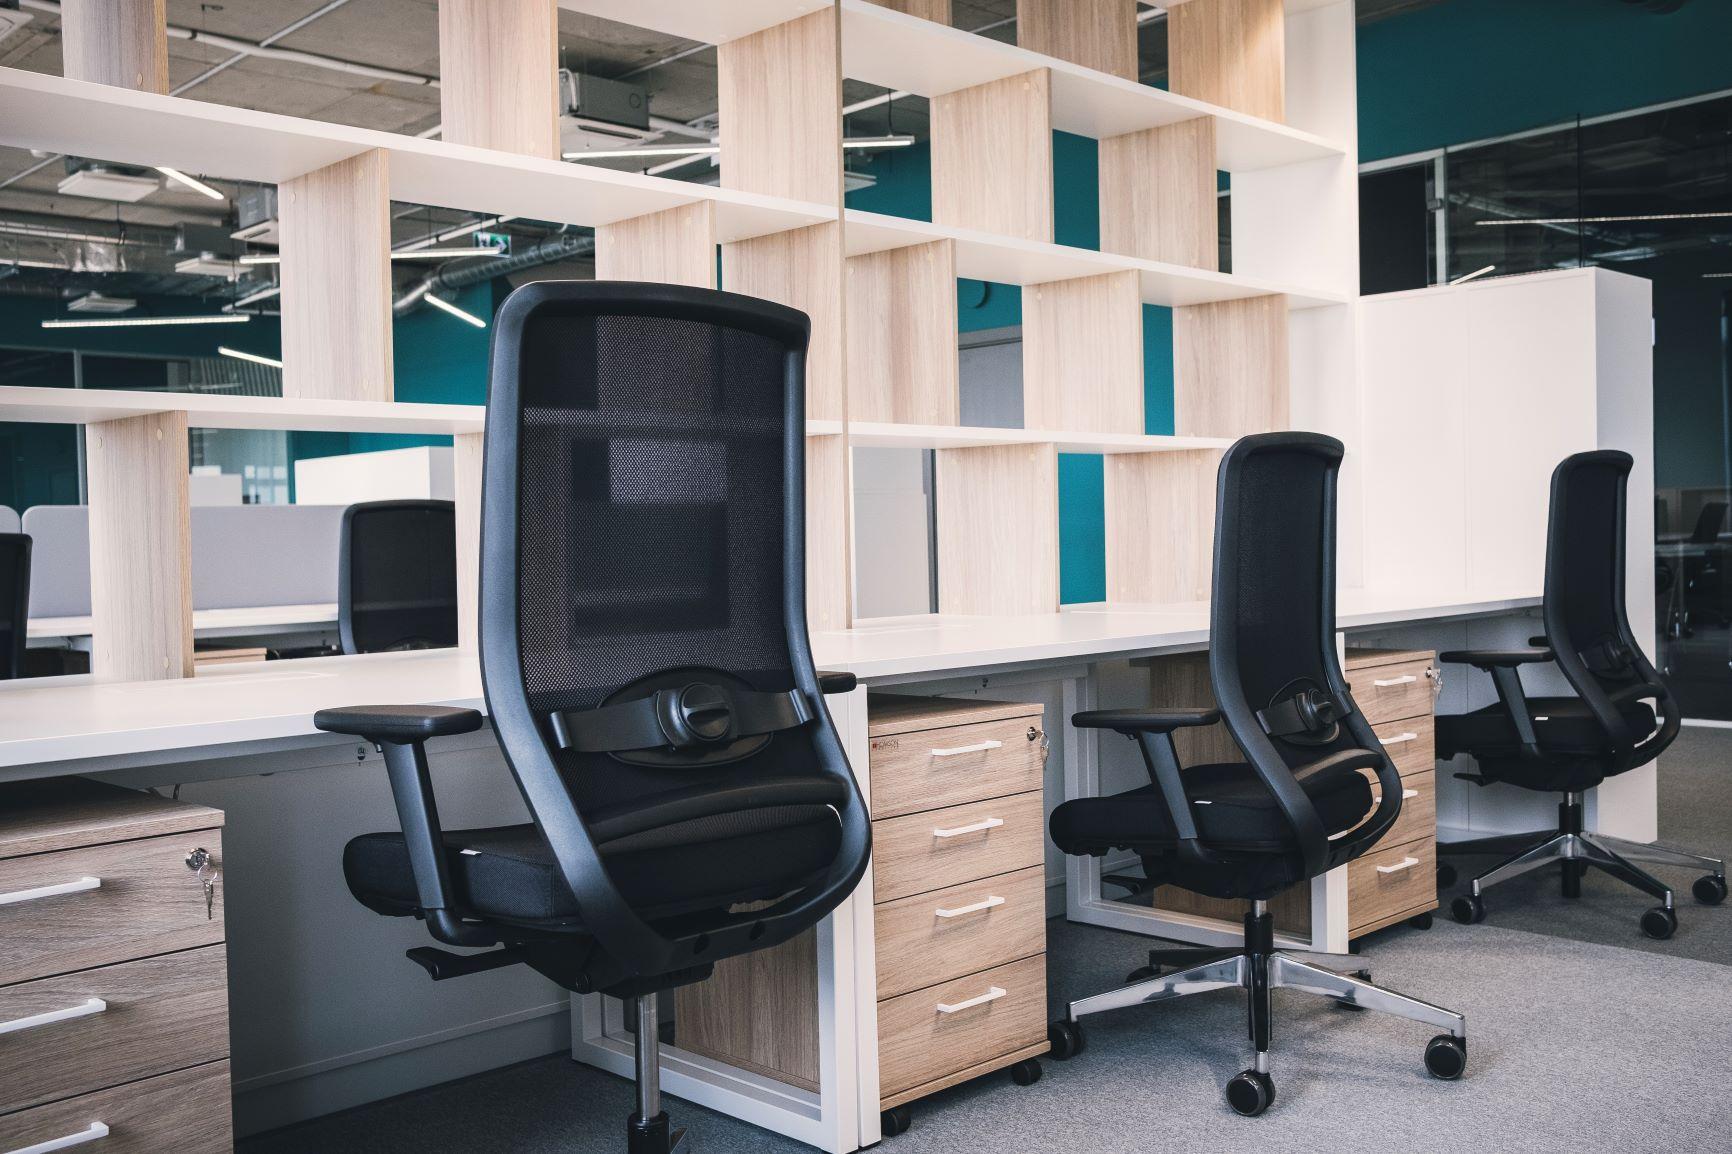 Birojs Rīgā ar ergonomiskiem biroja krēsliem, individuāli sagatavotiem atvērtiem plauktiem